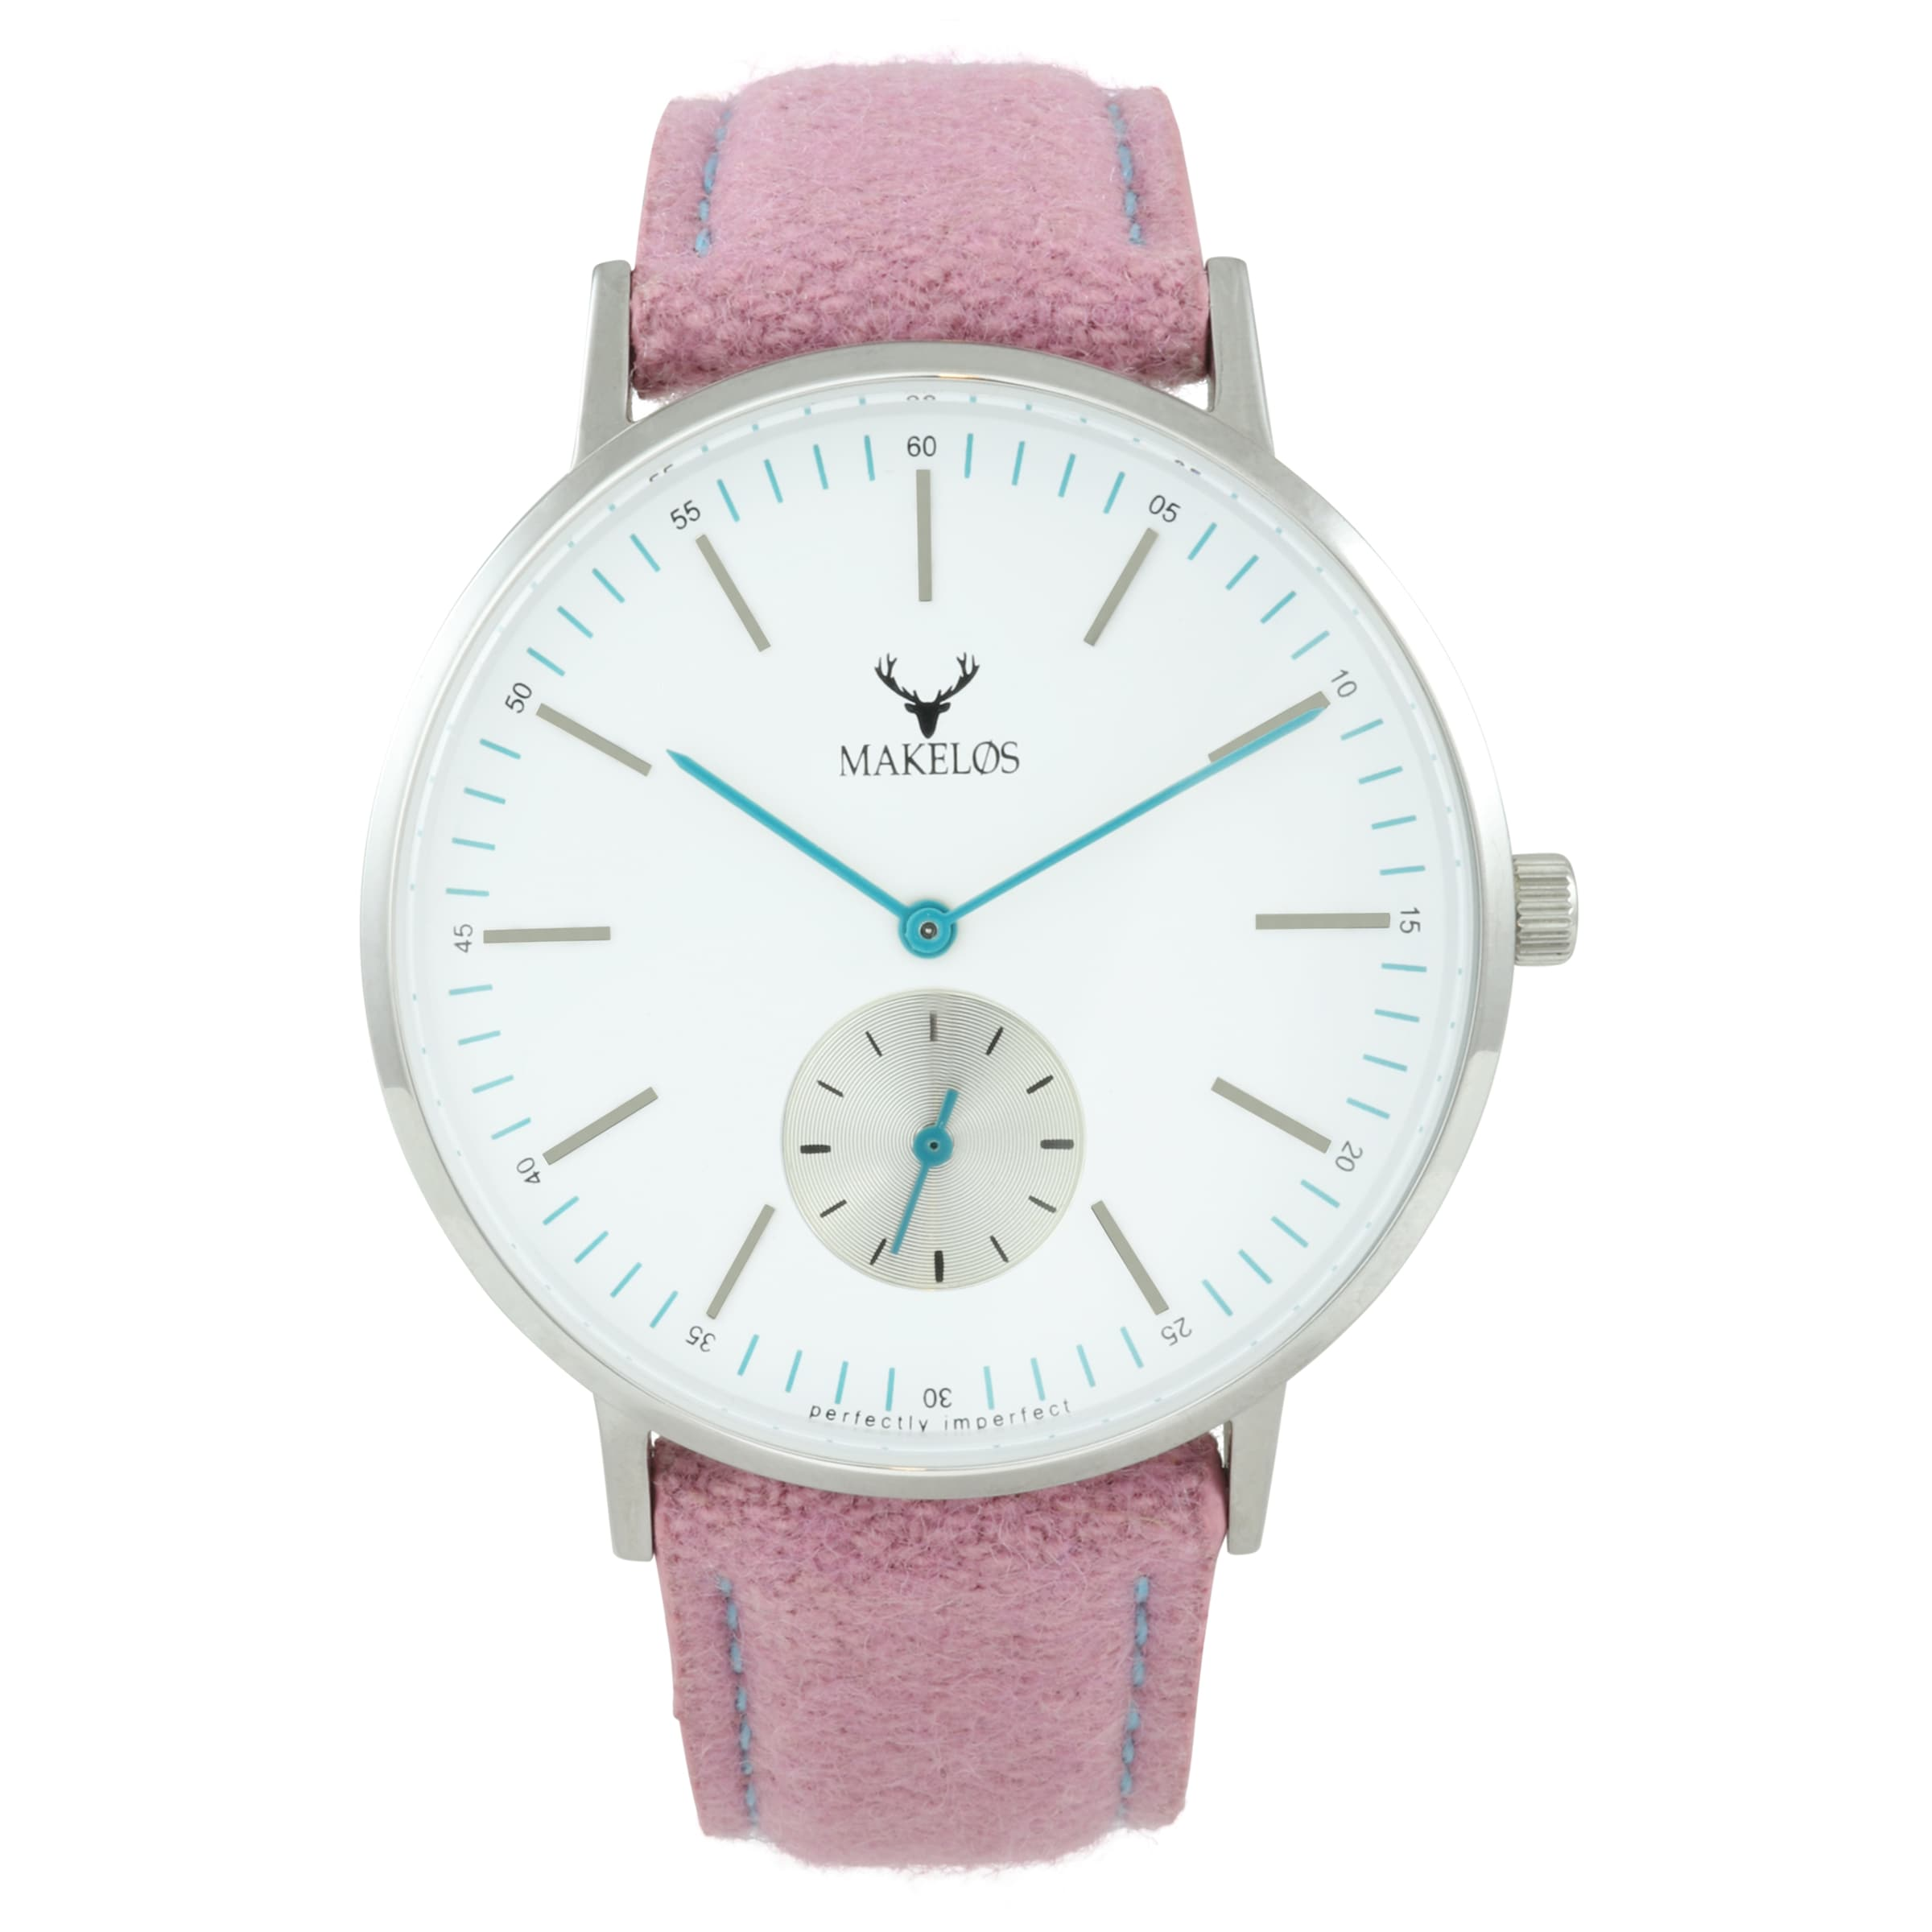 Günstig Kaufen Shop Zuverlässige Online MAKELØS Armbanduhr 'SØLV LYSE' mit Filzband Blick Zu Verkaufen Verkaufspreise Footlocker Online VyKDGeh3y